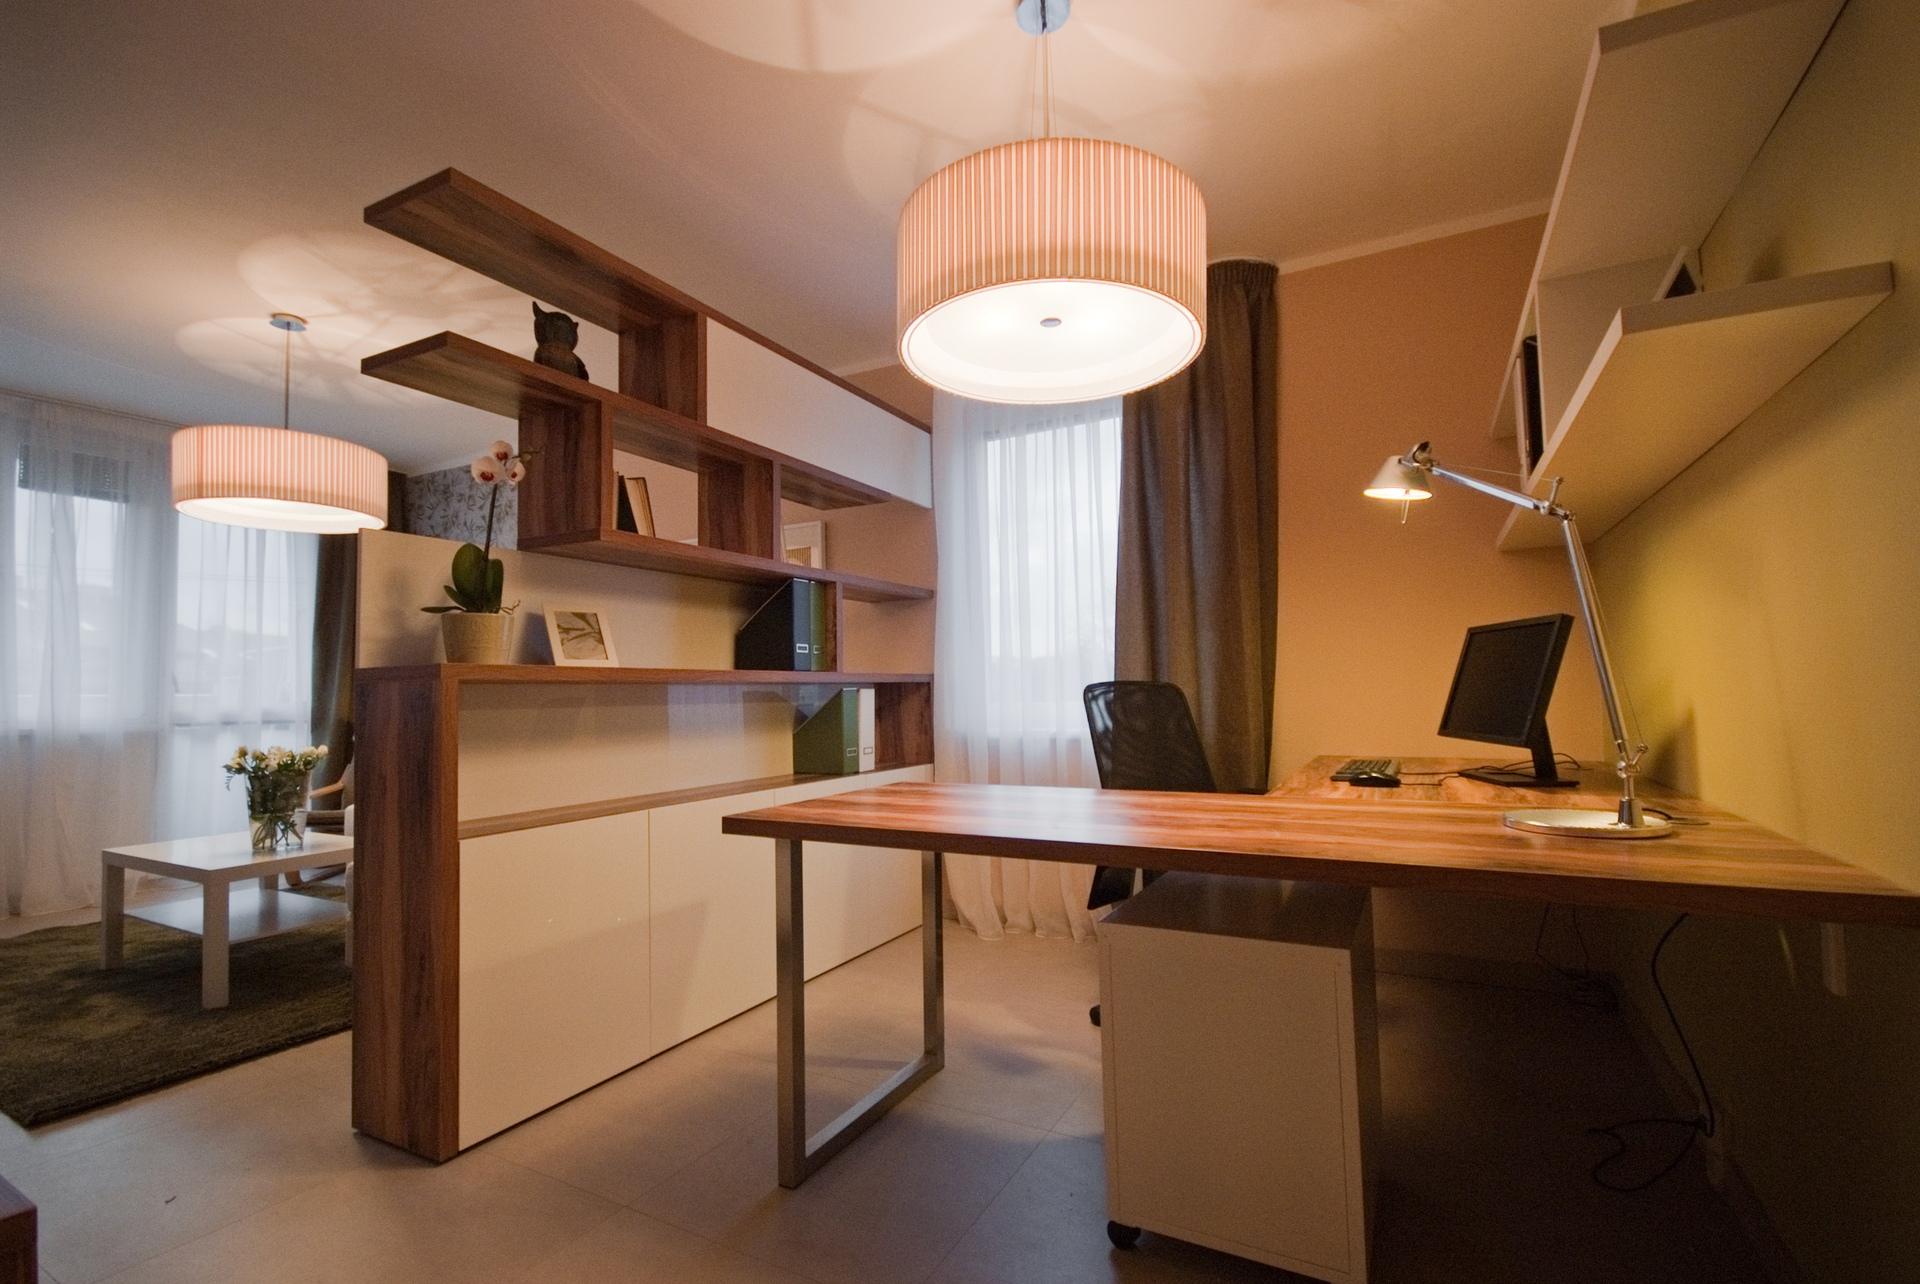 jak se staví sen - obývací pokoj s pracovním koutem 4